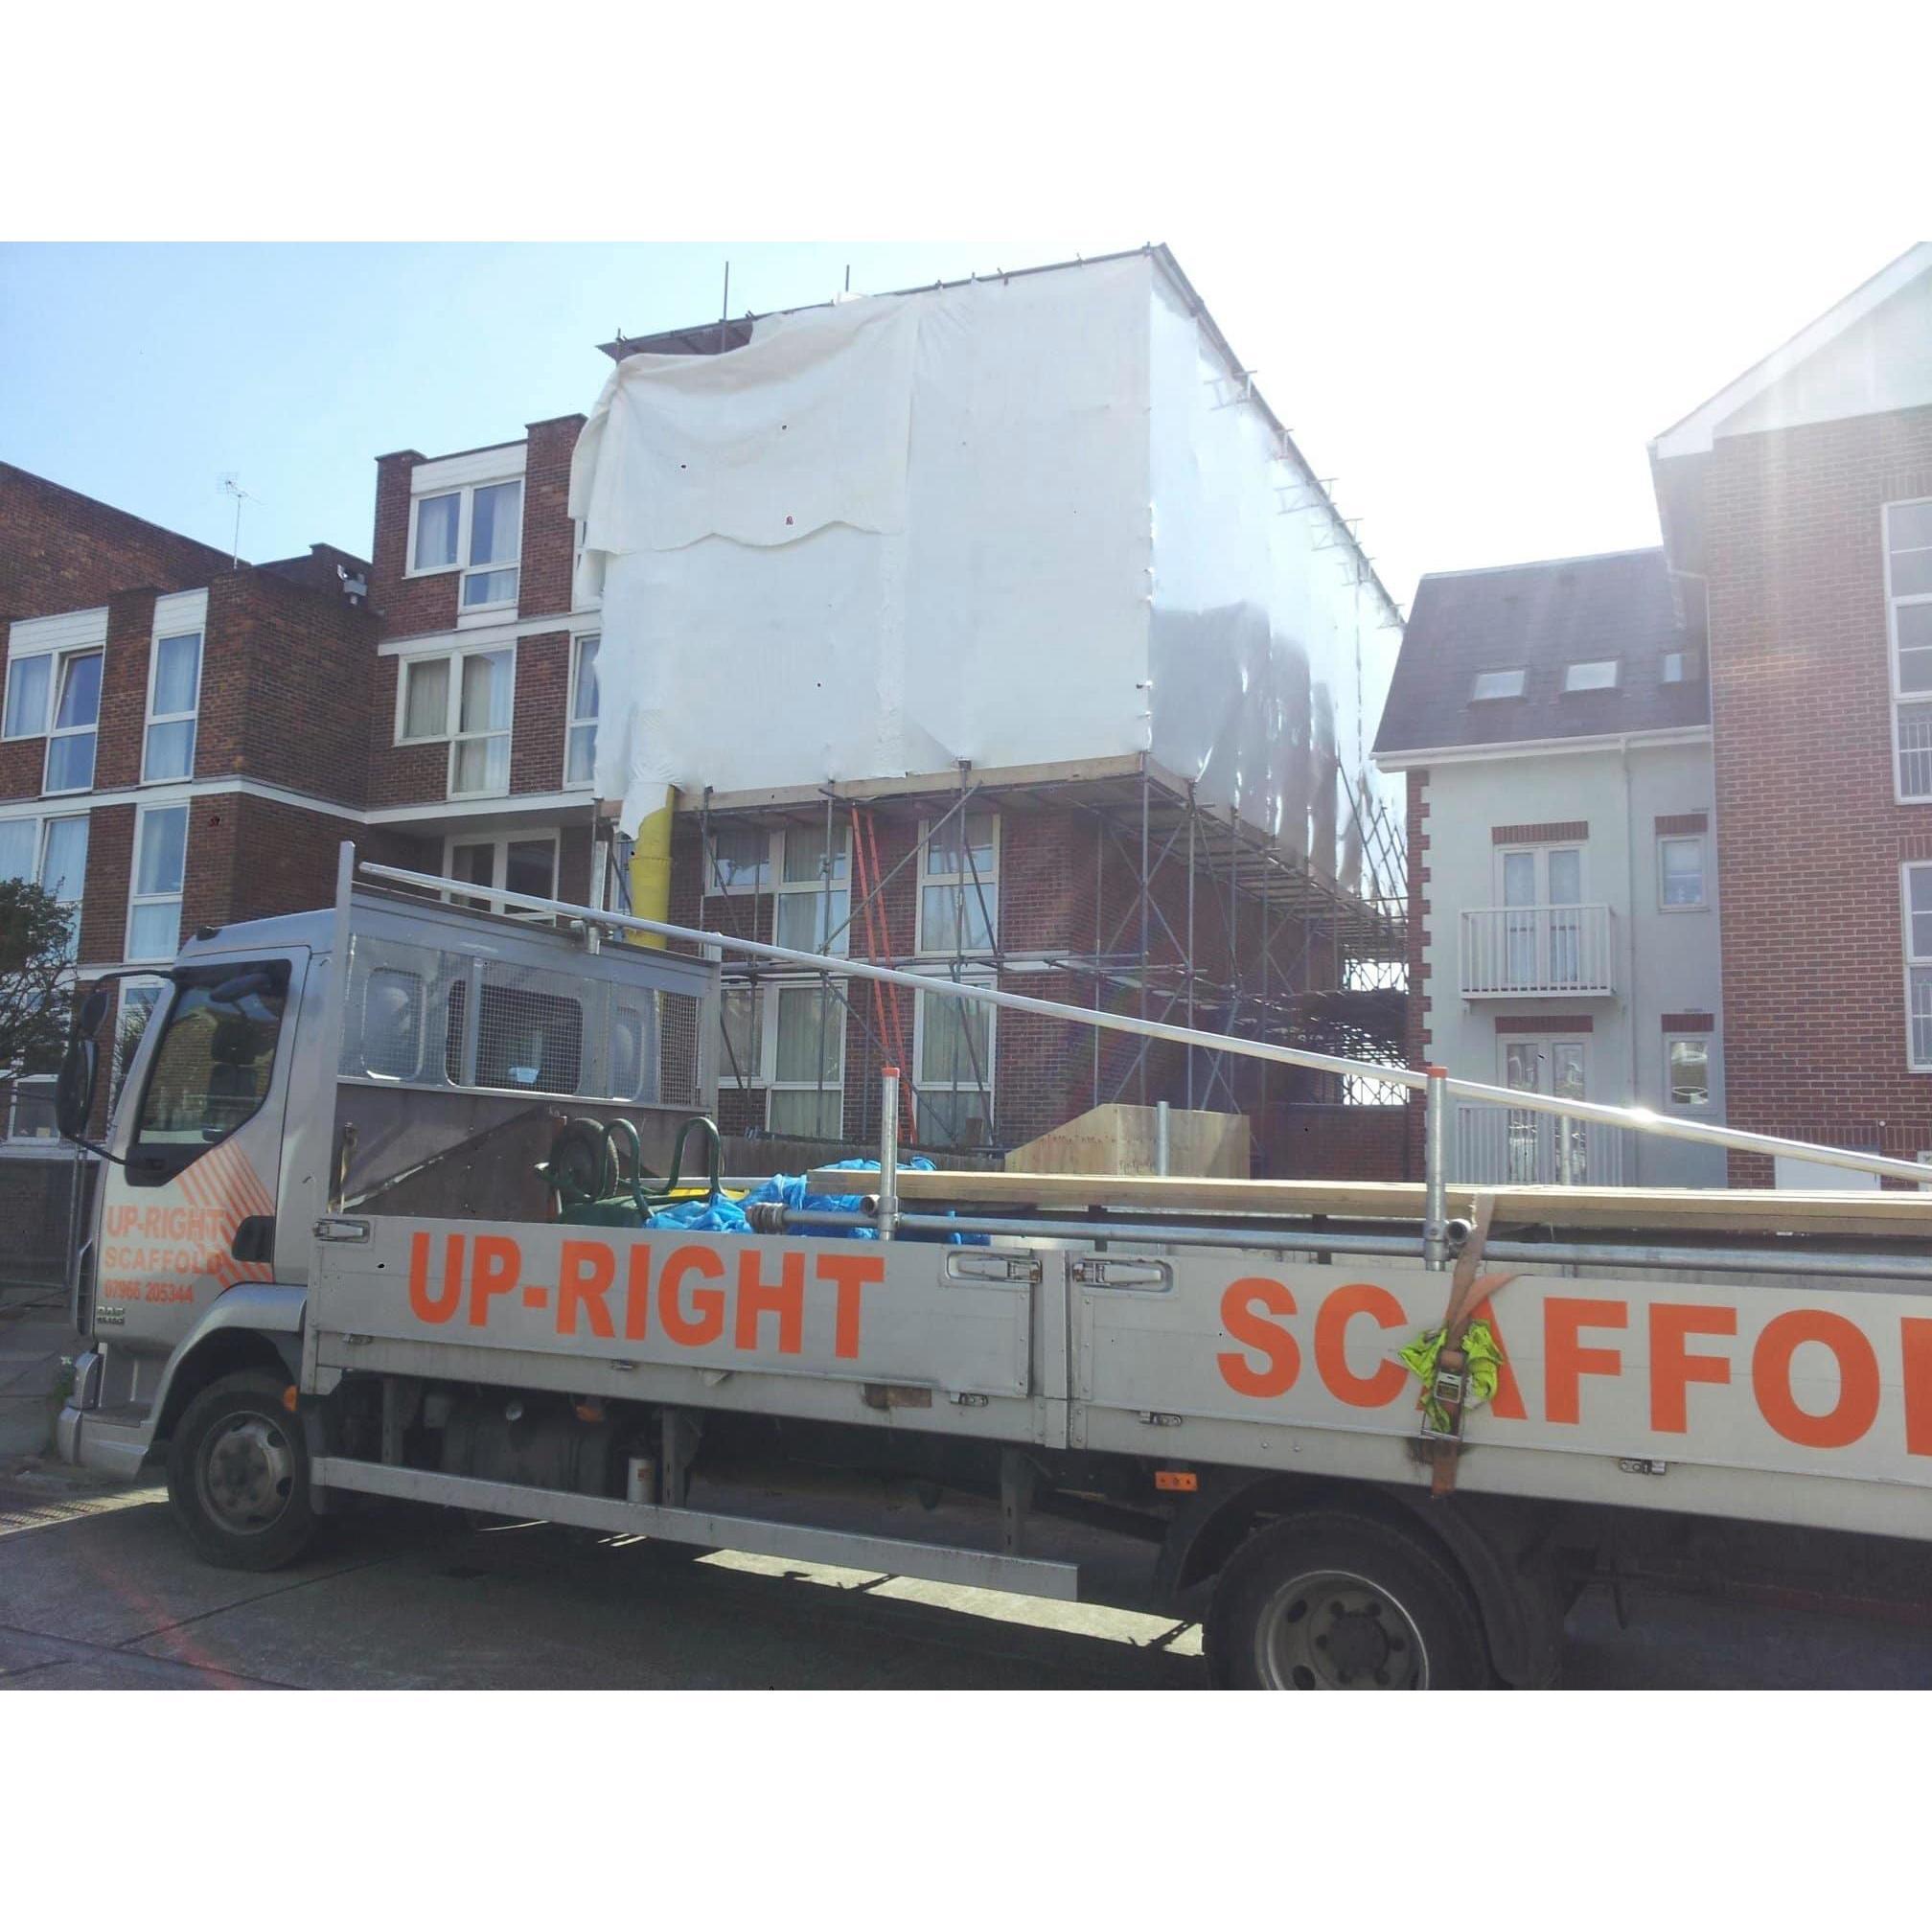 Up-Right Scaffolds - Fareham, Hampshire PO16 9JQ - 07966 205344   ShowMeLocal.com